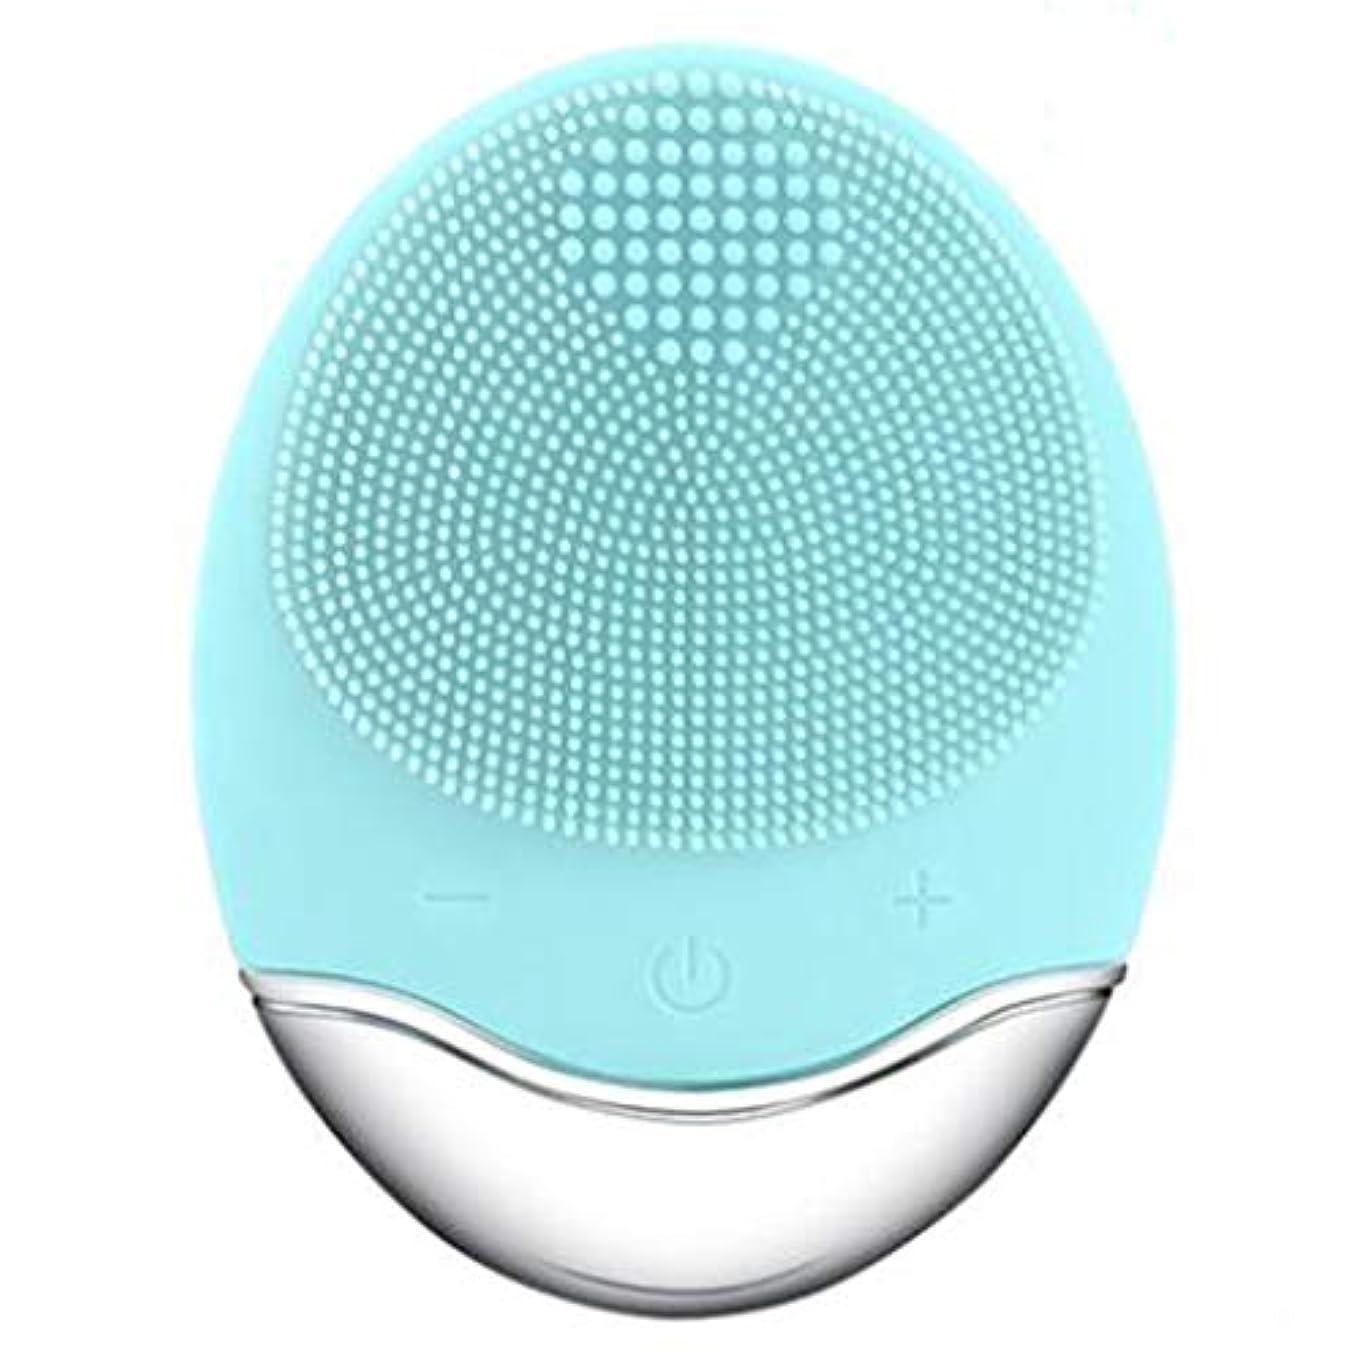 平方ホバー階層シリコーン電気クレンジング器具、洗顔毛穴クリーナーマッサージフェイス、イントロデューサー + クレンジング器具 (1 つ2個),Green